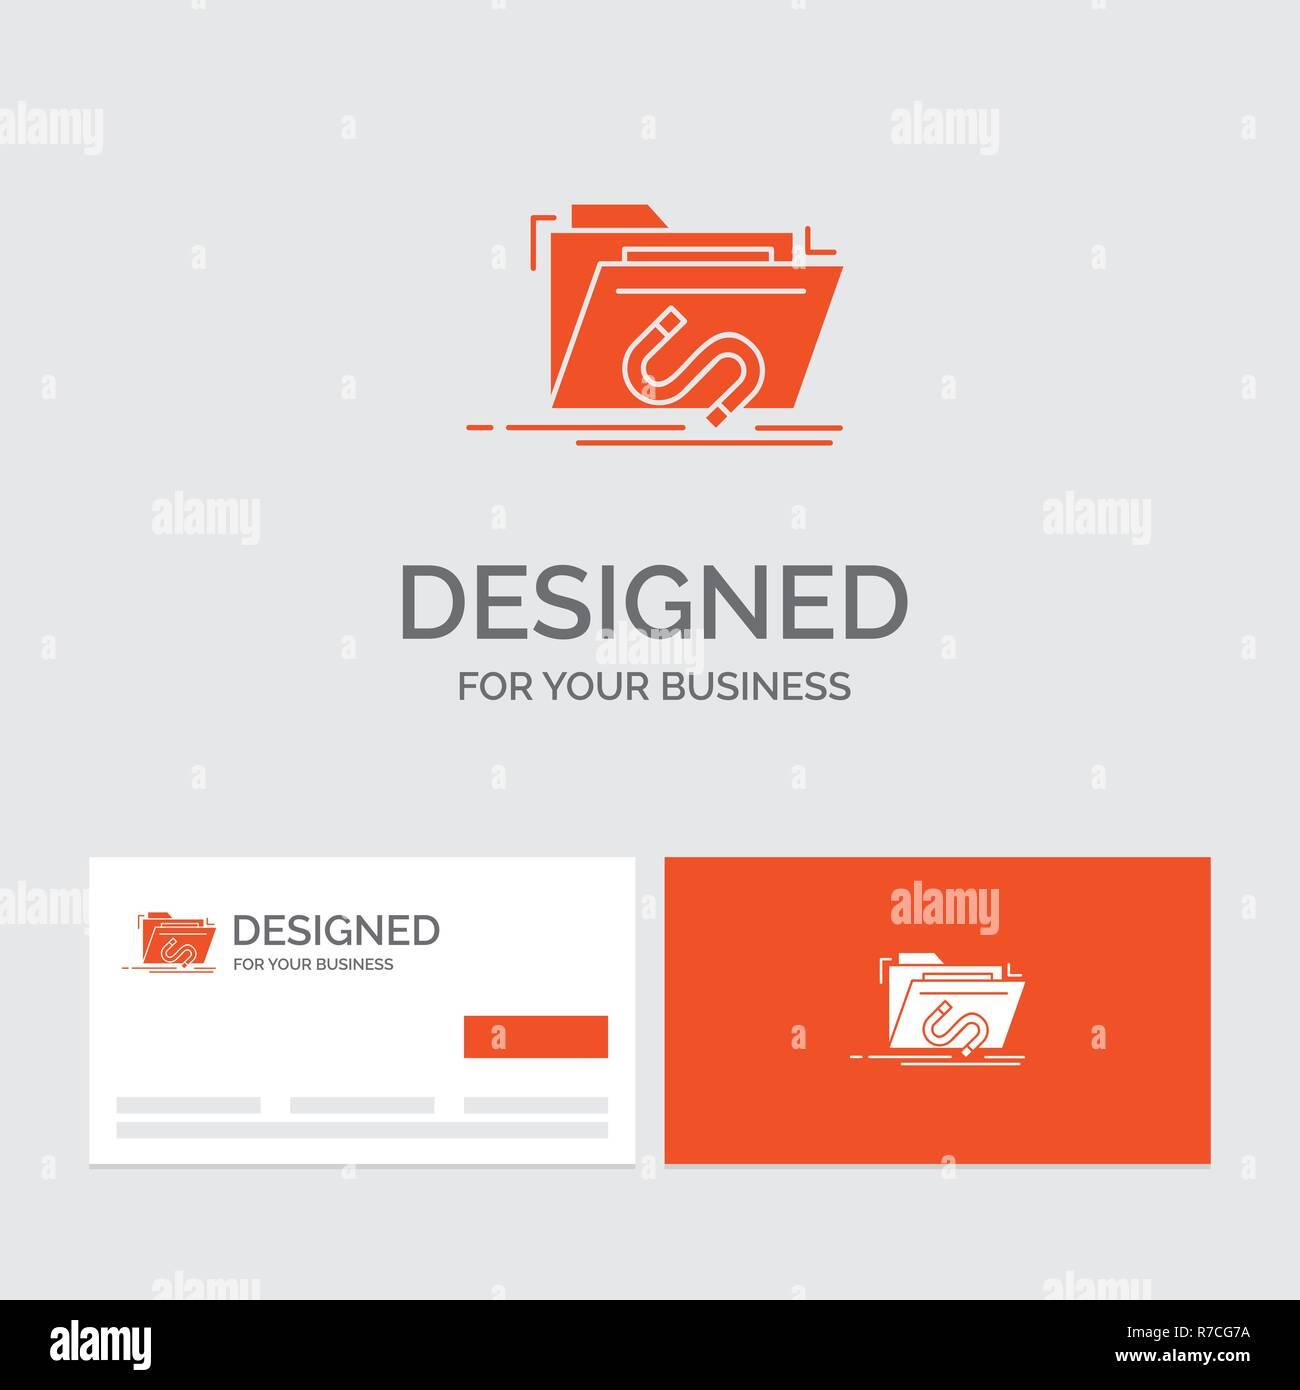 Logo Dentreprise Modele Pour Backdoor Exploiter Fichier Internet Logiciels Cartes De Visite Orange Avec Marque